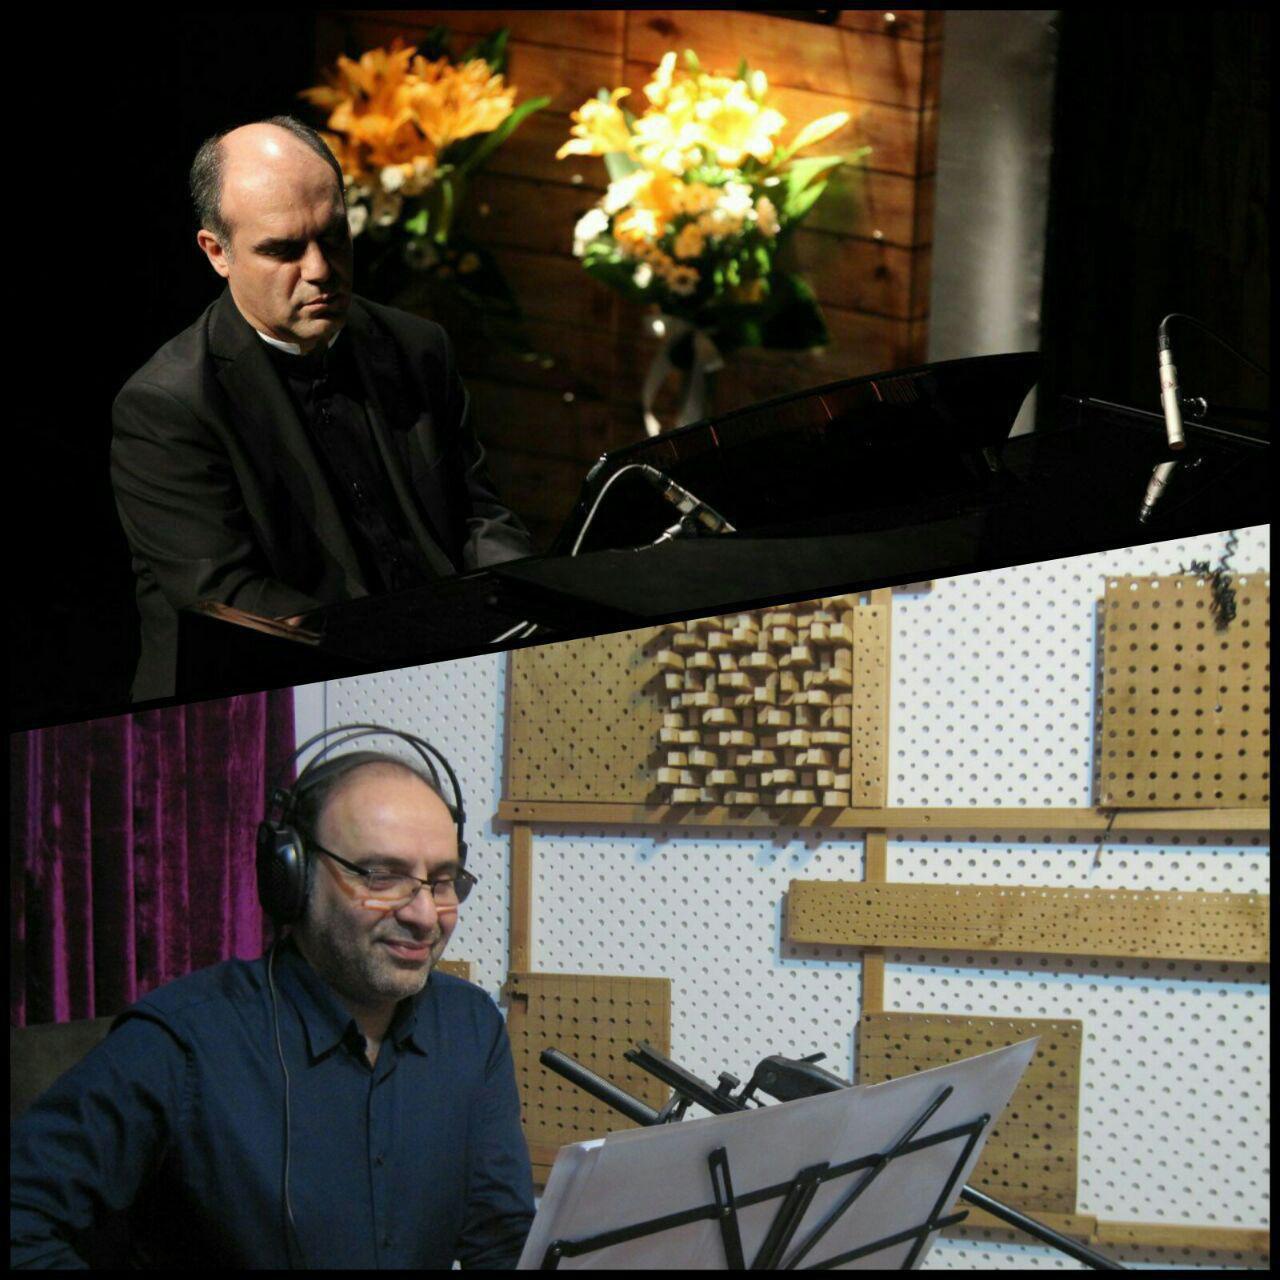 """همراهی """"دکتر بردیا """"و """"دکتر بابک صدر نوری """" در تولید آثار مشترک"""